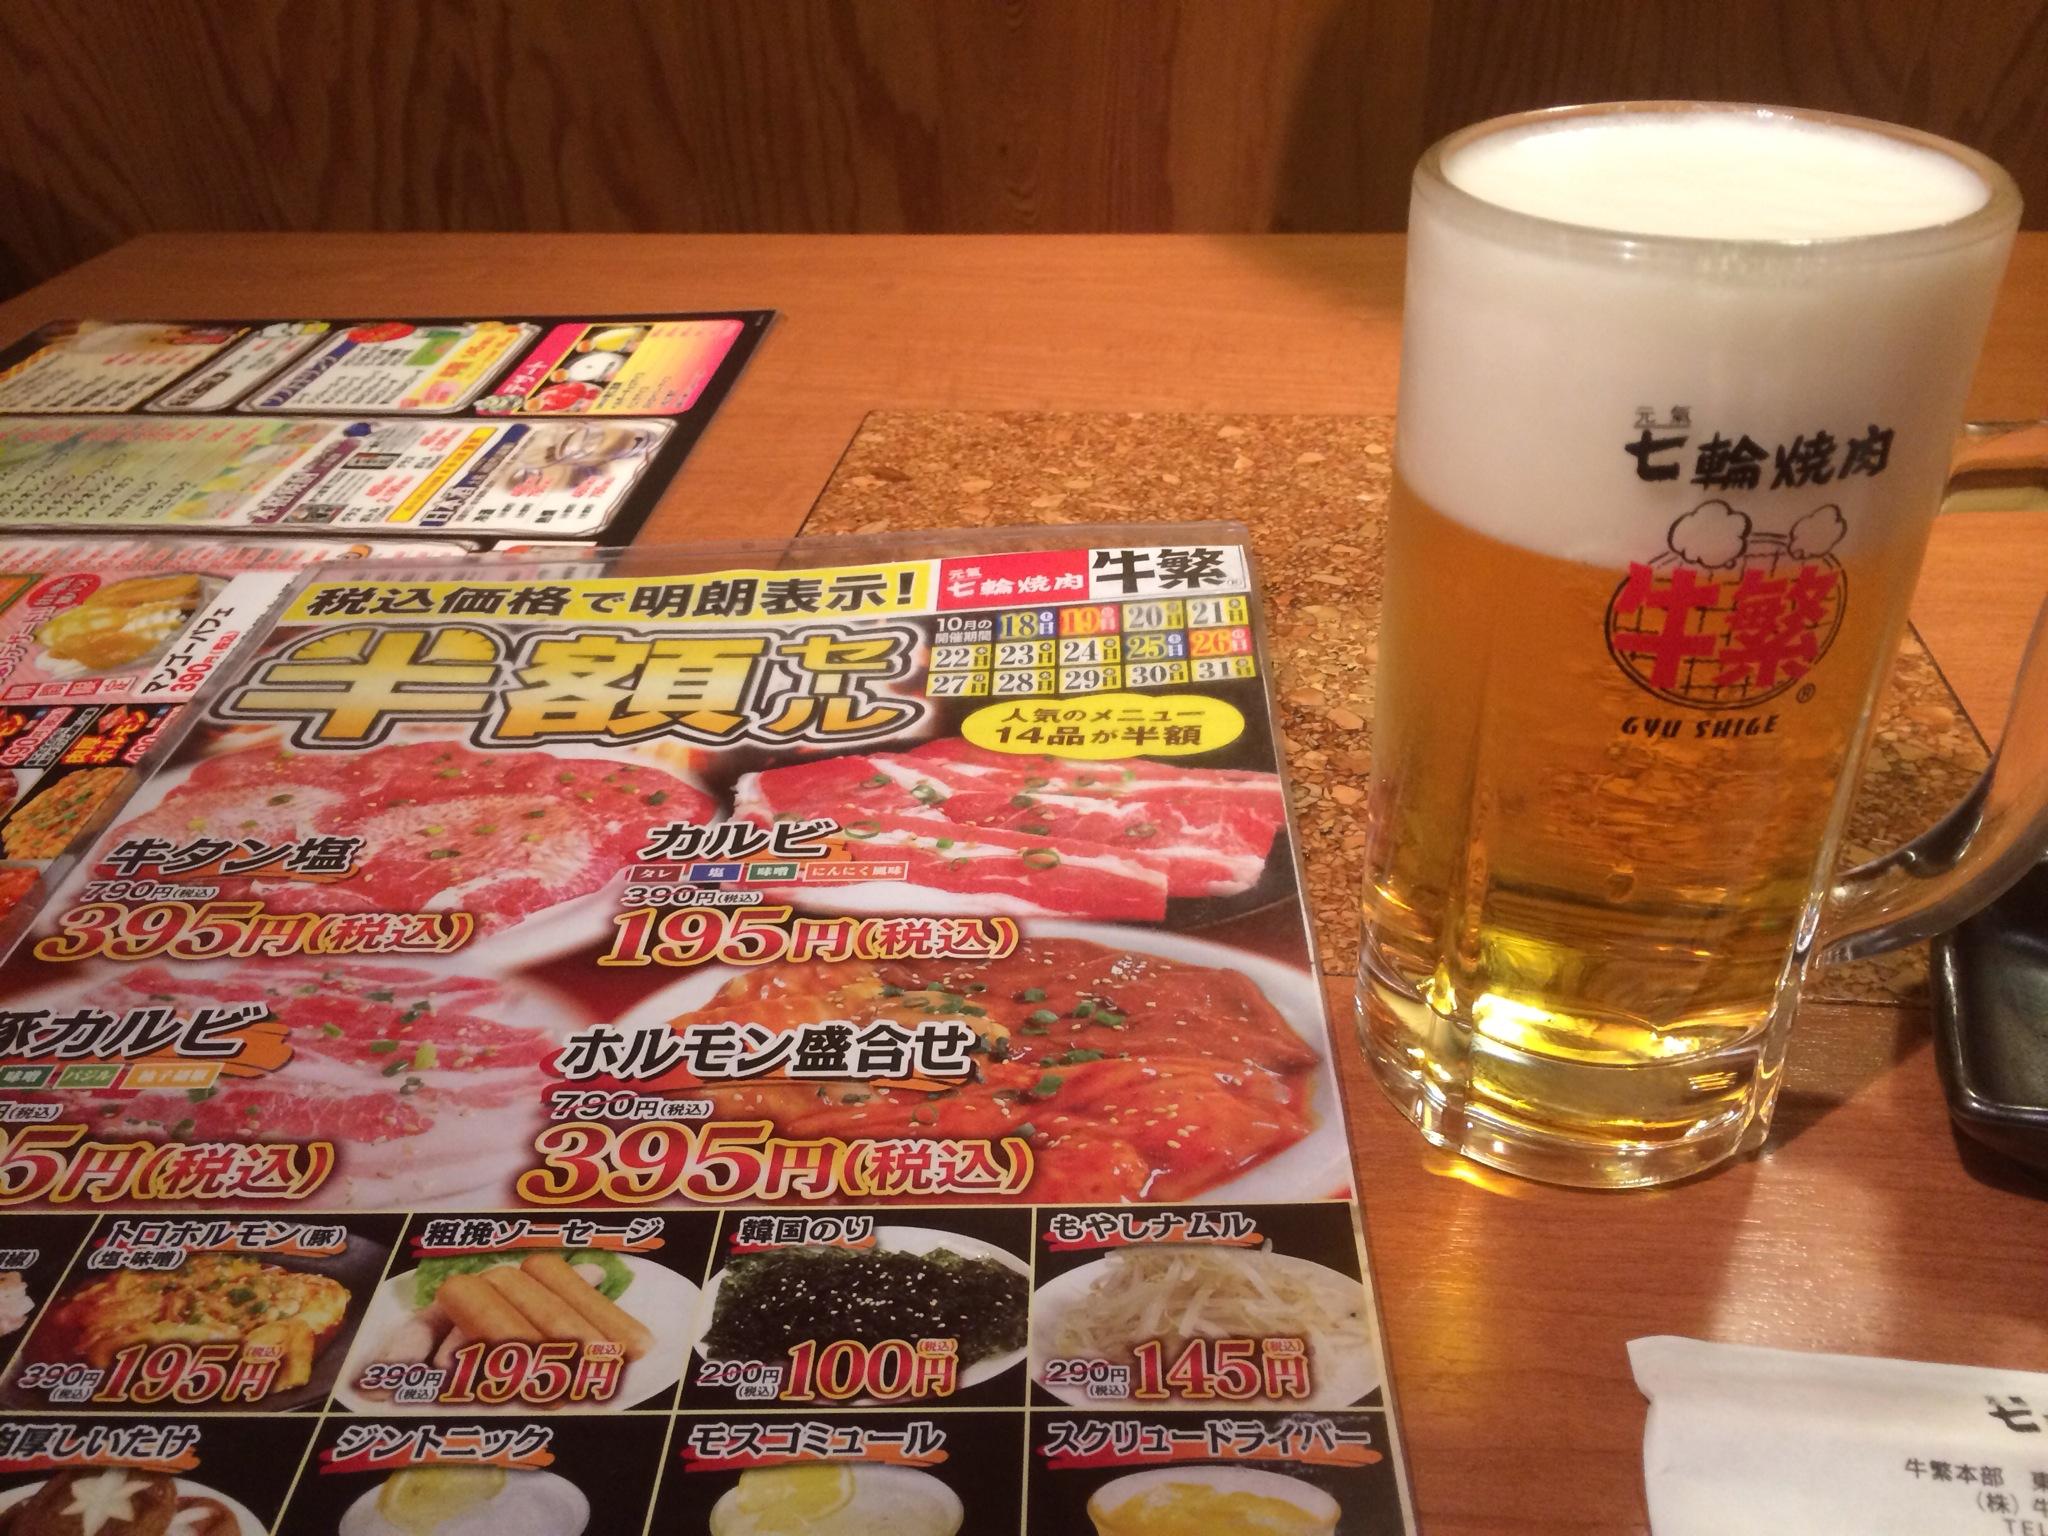 牛繁!半額セール!カルビ195円!やすすぎる~!